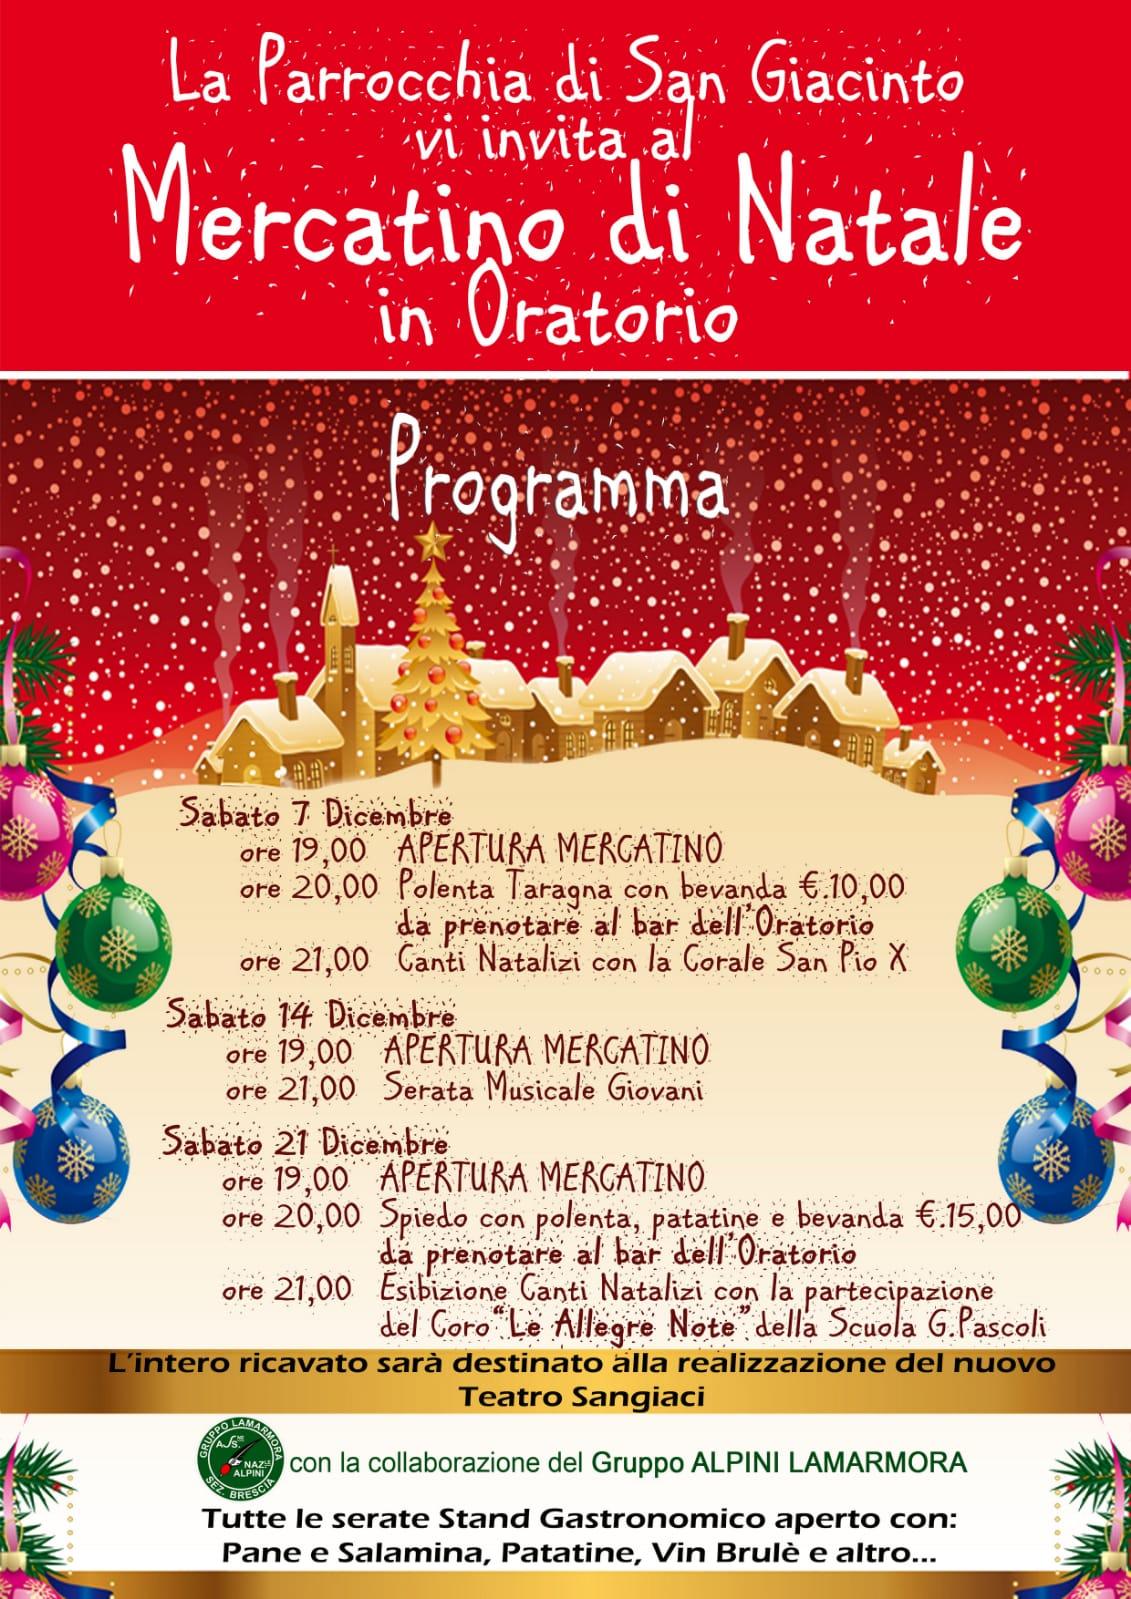 MERCATINO DI NATALE @ Oratorio San Giacinto